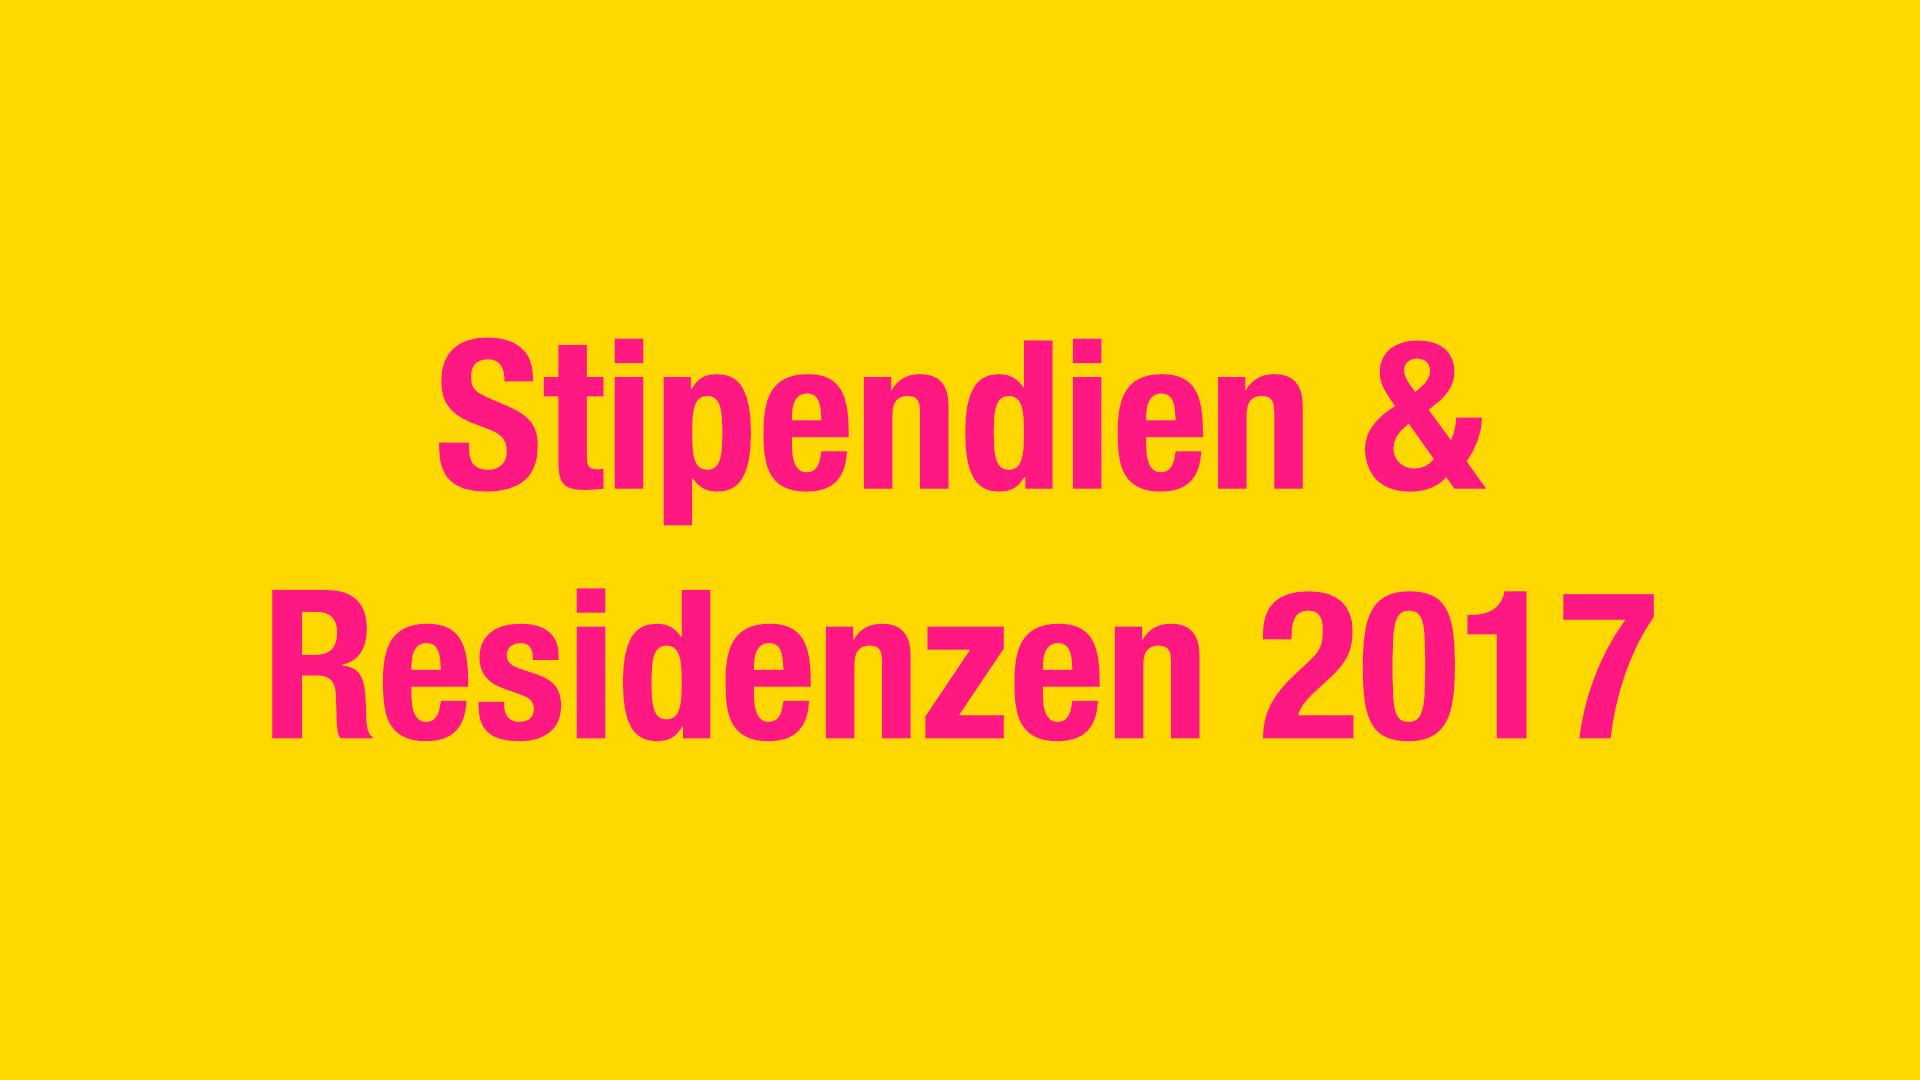 Stipendien & Residenzen 2017